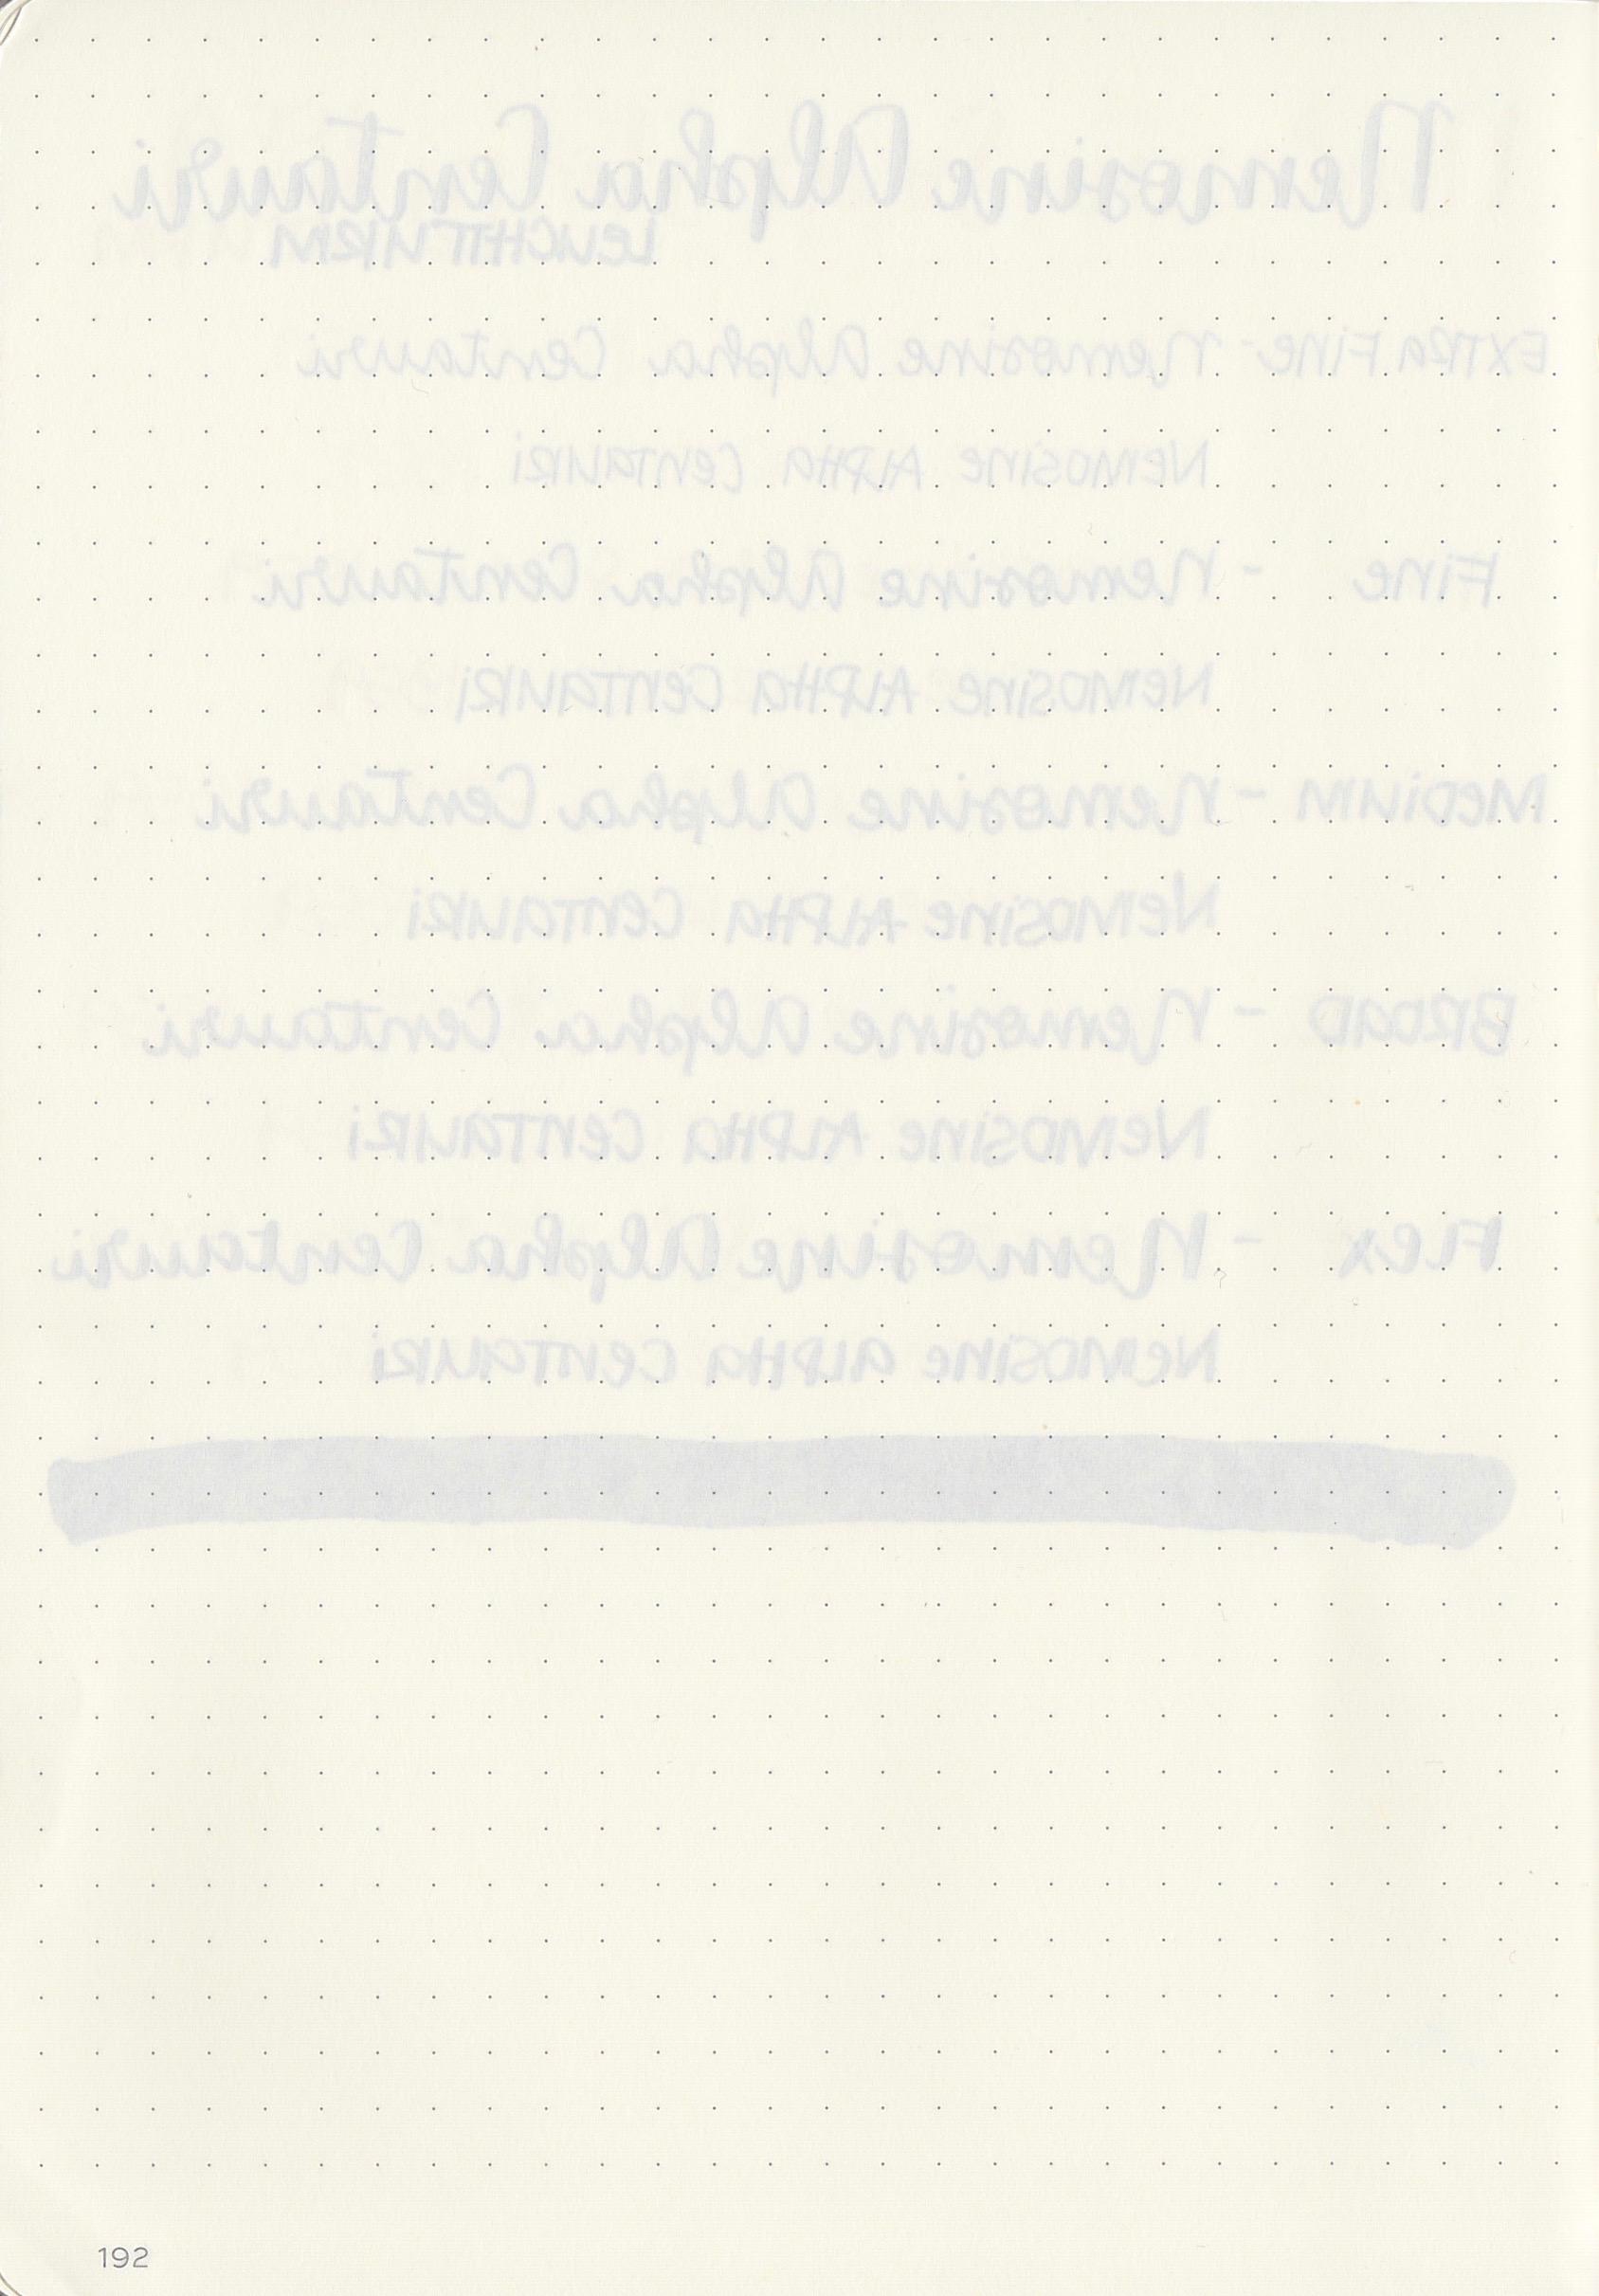 NemoAlphaCentauri - 13.jpg